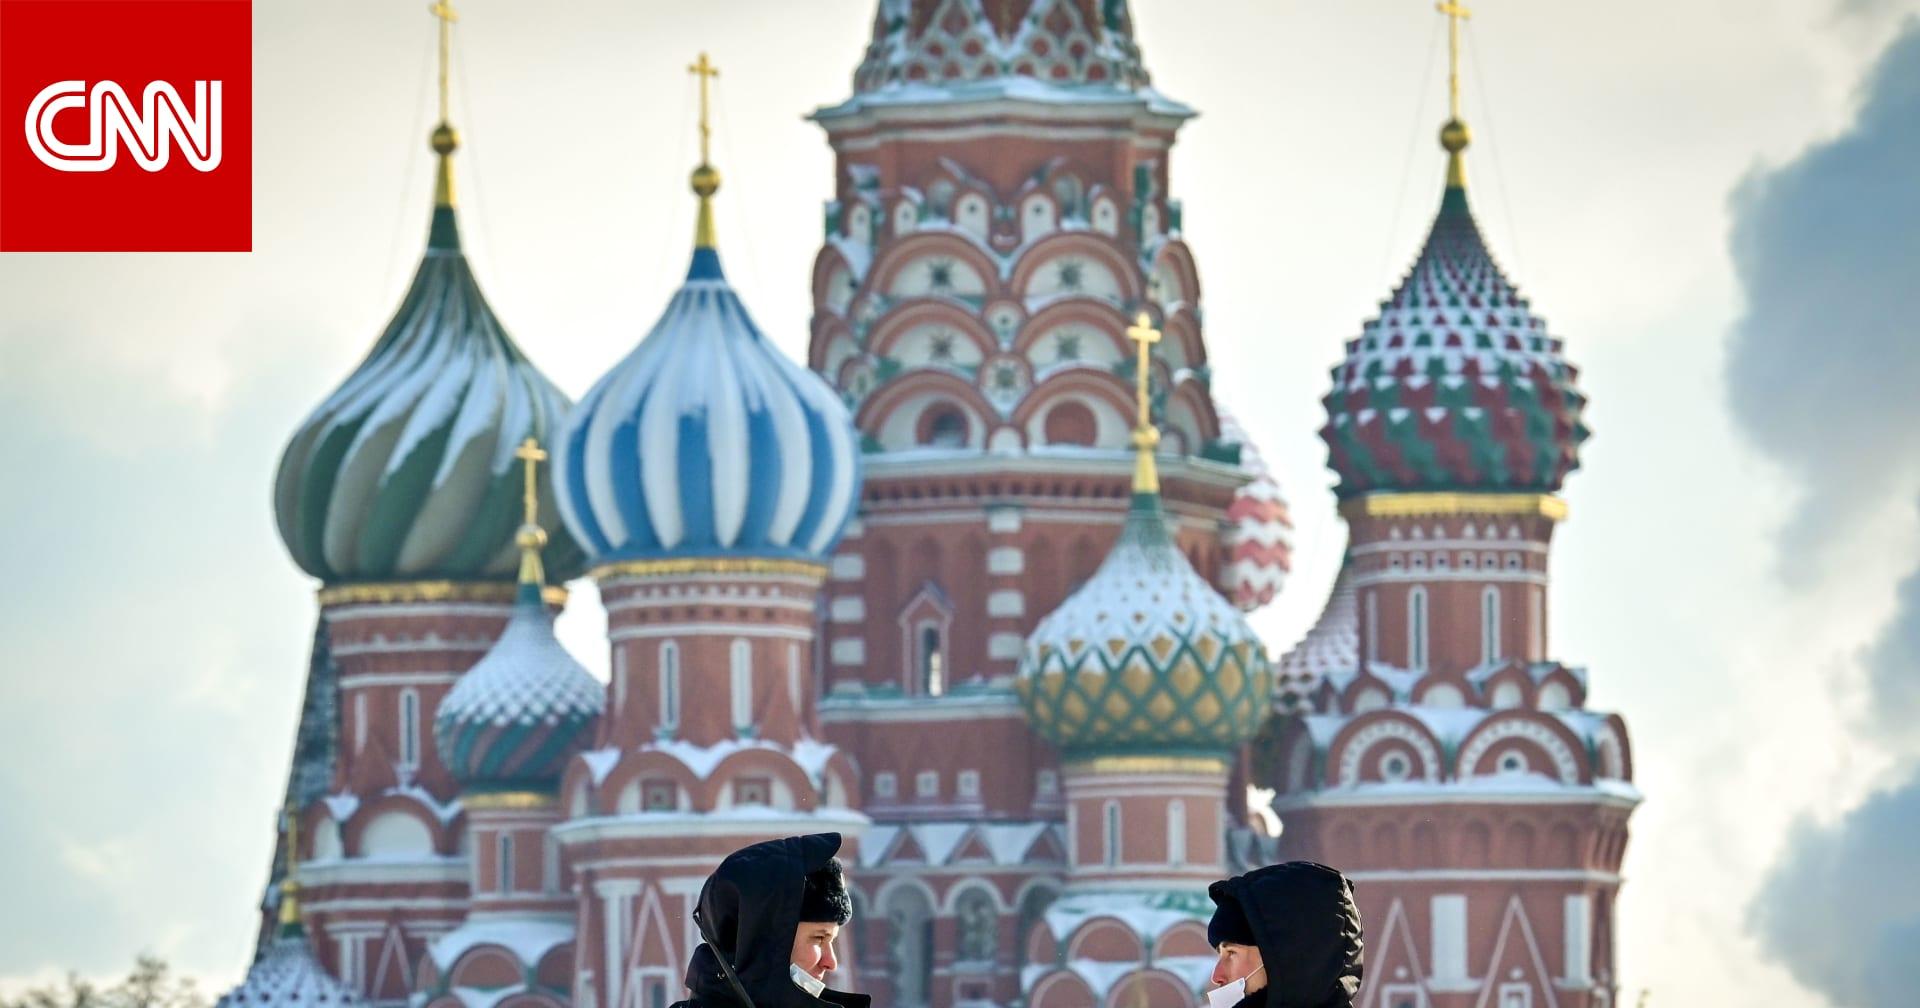 بالأسماء.. روسيا ترد على عقوبات أمريكا بمنع كبار مسؤوليها من دخولها